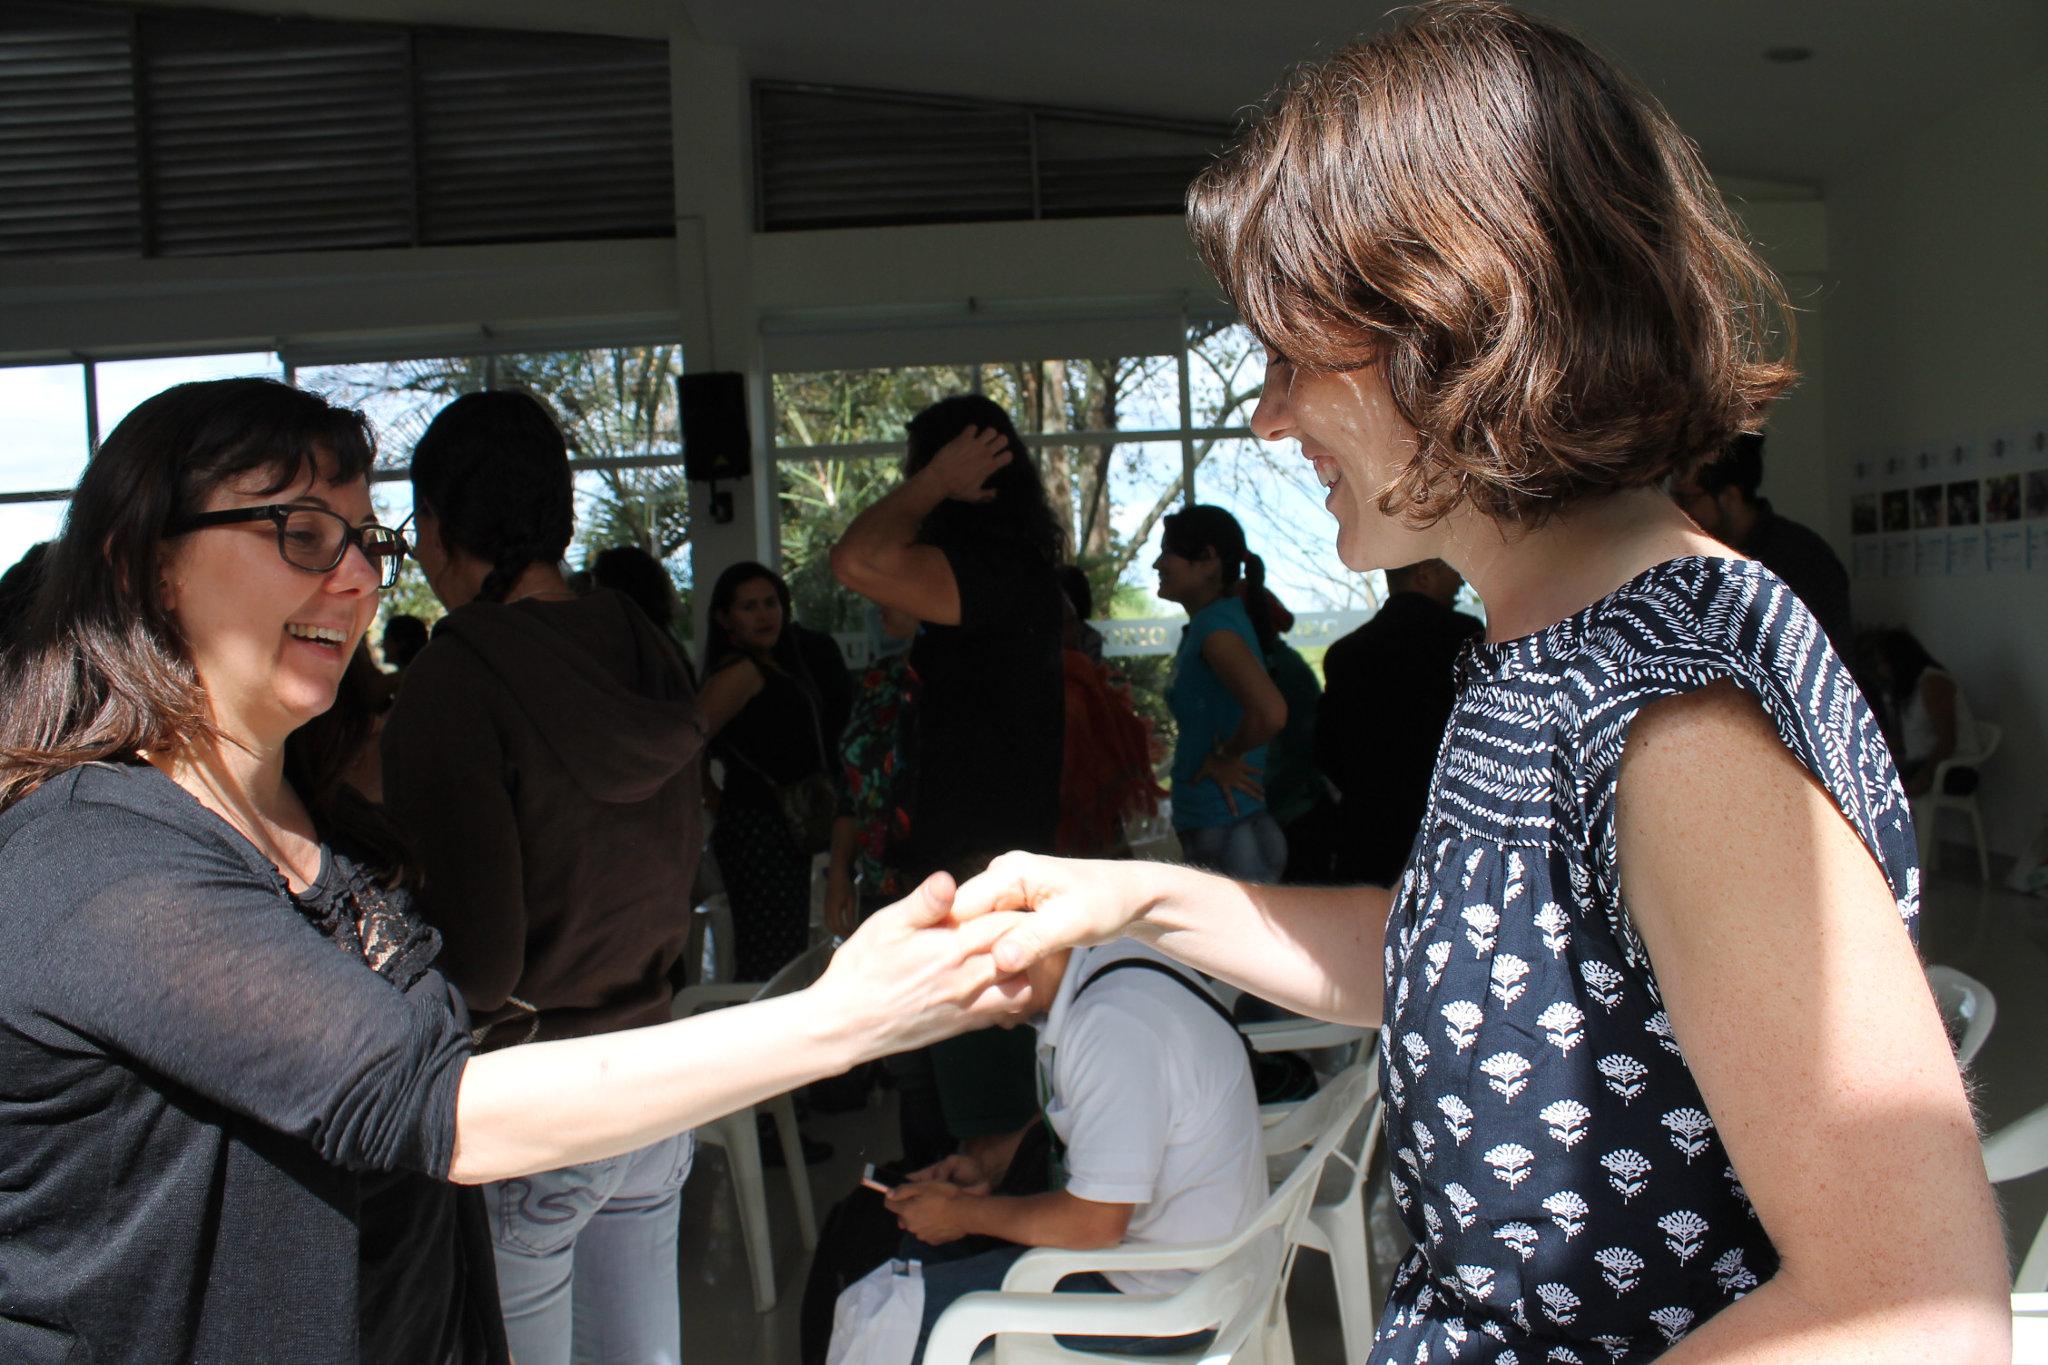 Foto: Diana Becerra/DIEB